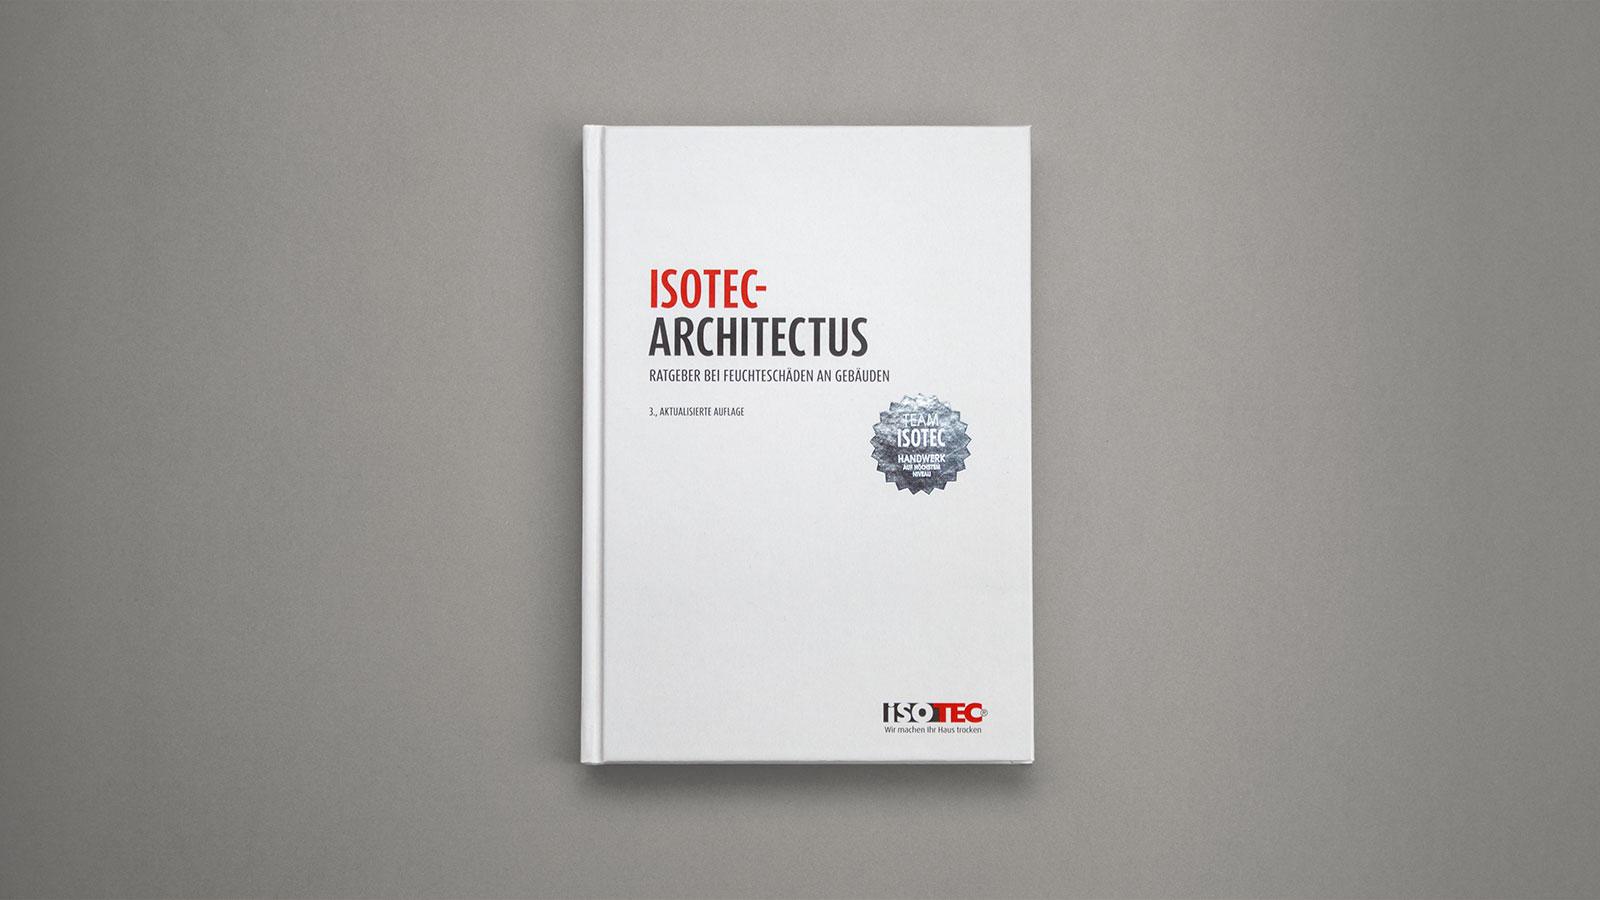 ISOTEC Architectus Editorial Cover